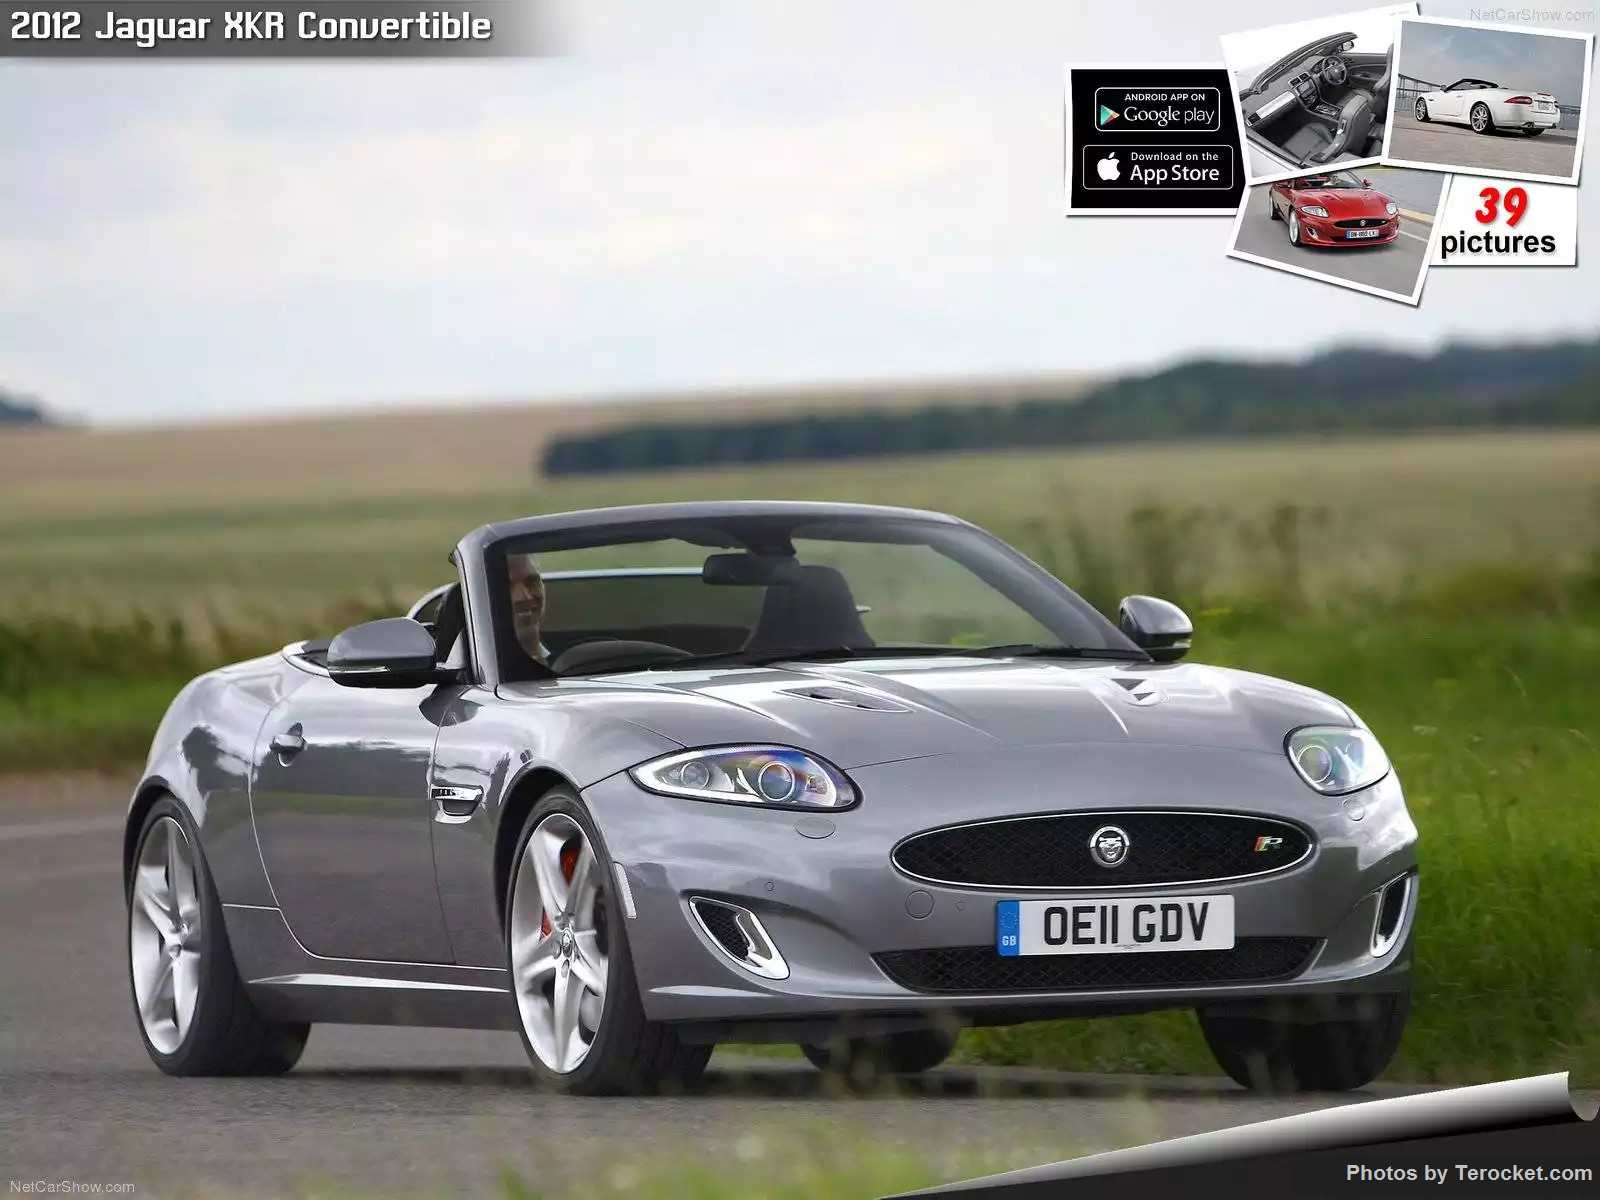 Hình ảnh xe ô tô Jaguar XKR Convertible 2012 & nội ngoại thất